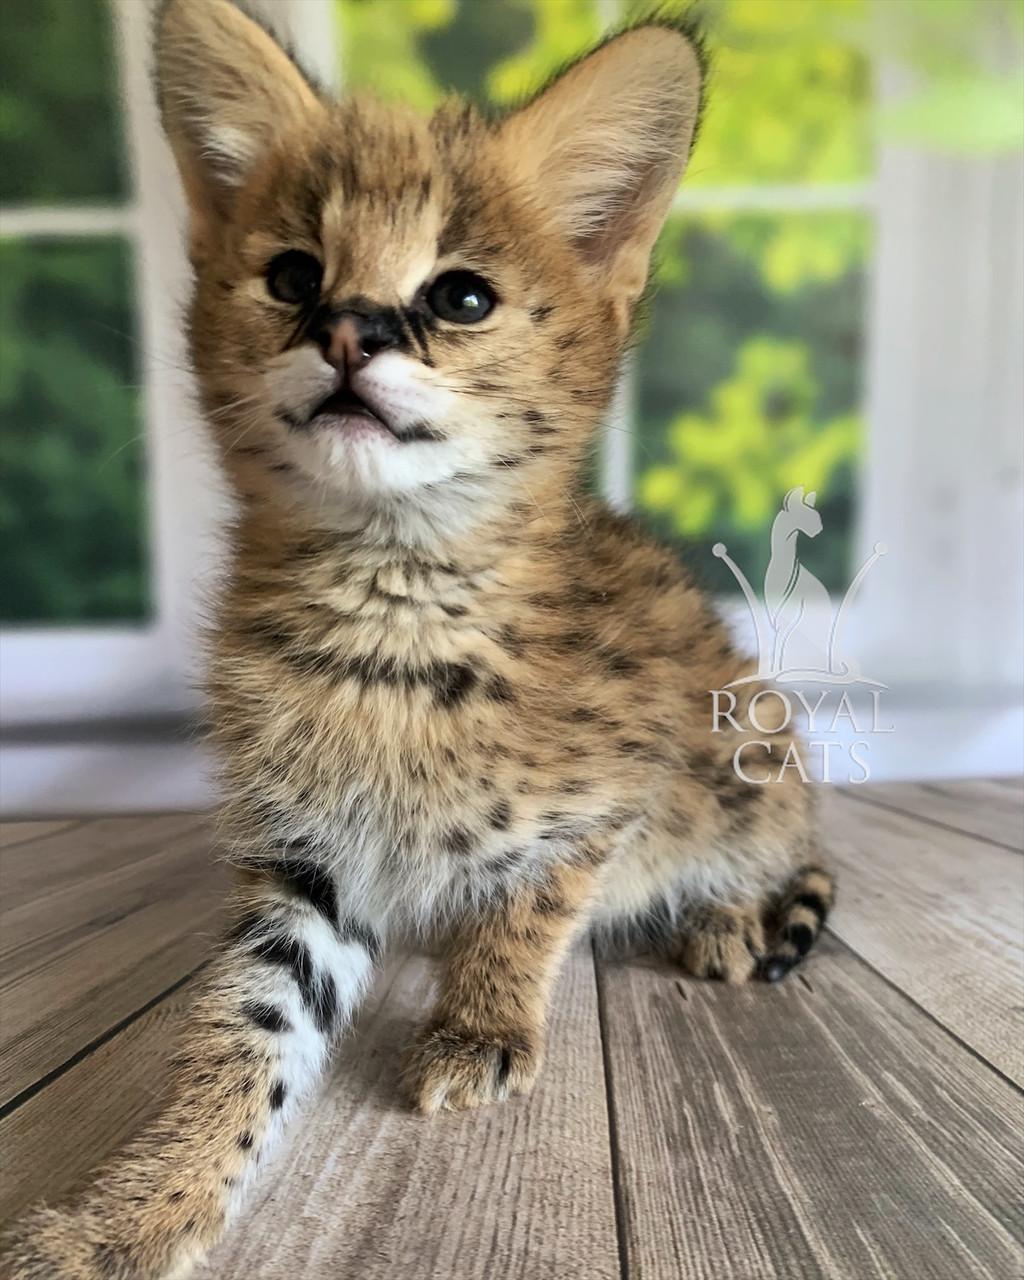 Котёнок Сервал, дата рождения 29.03.2020. Питомник Royal Cats. Украина, Киев